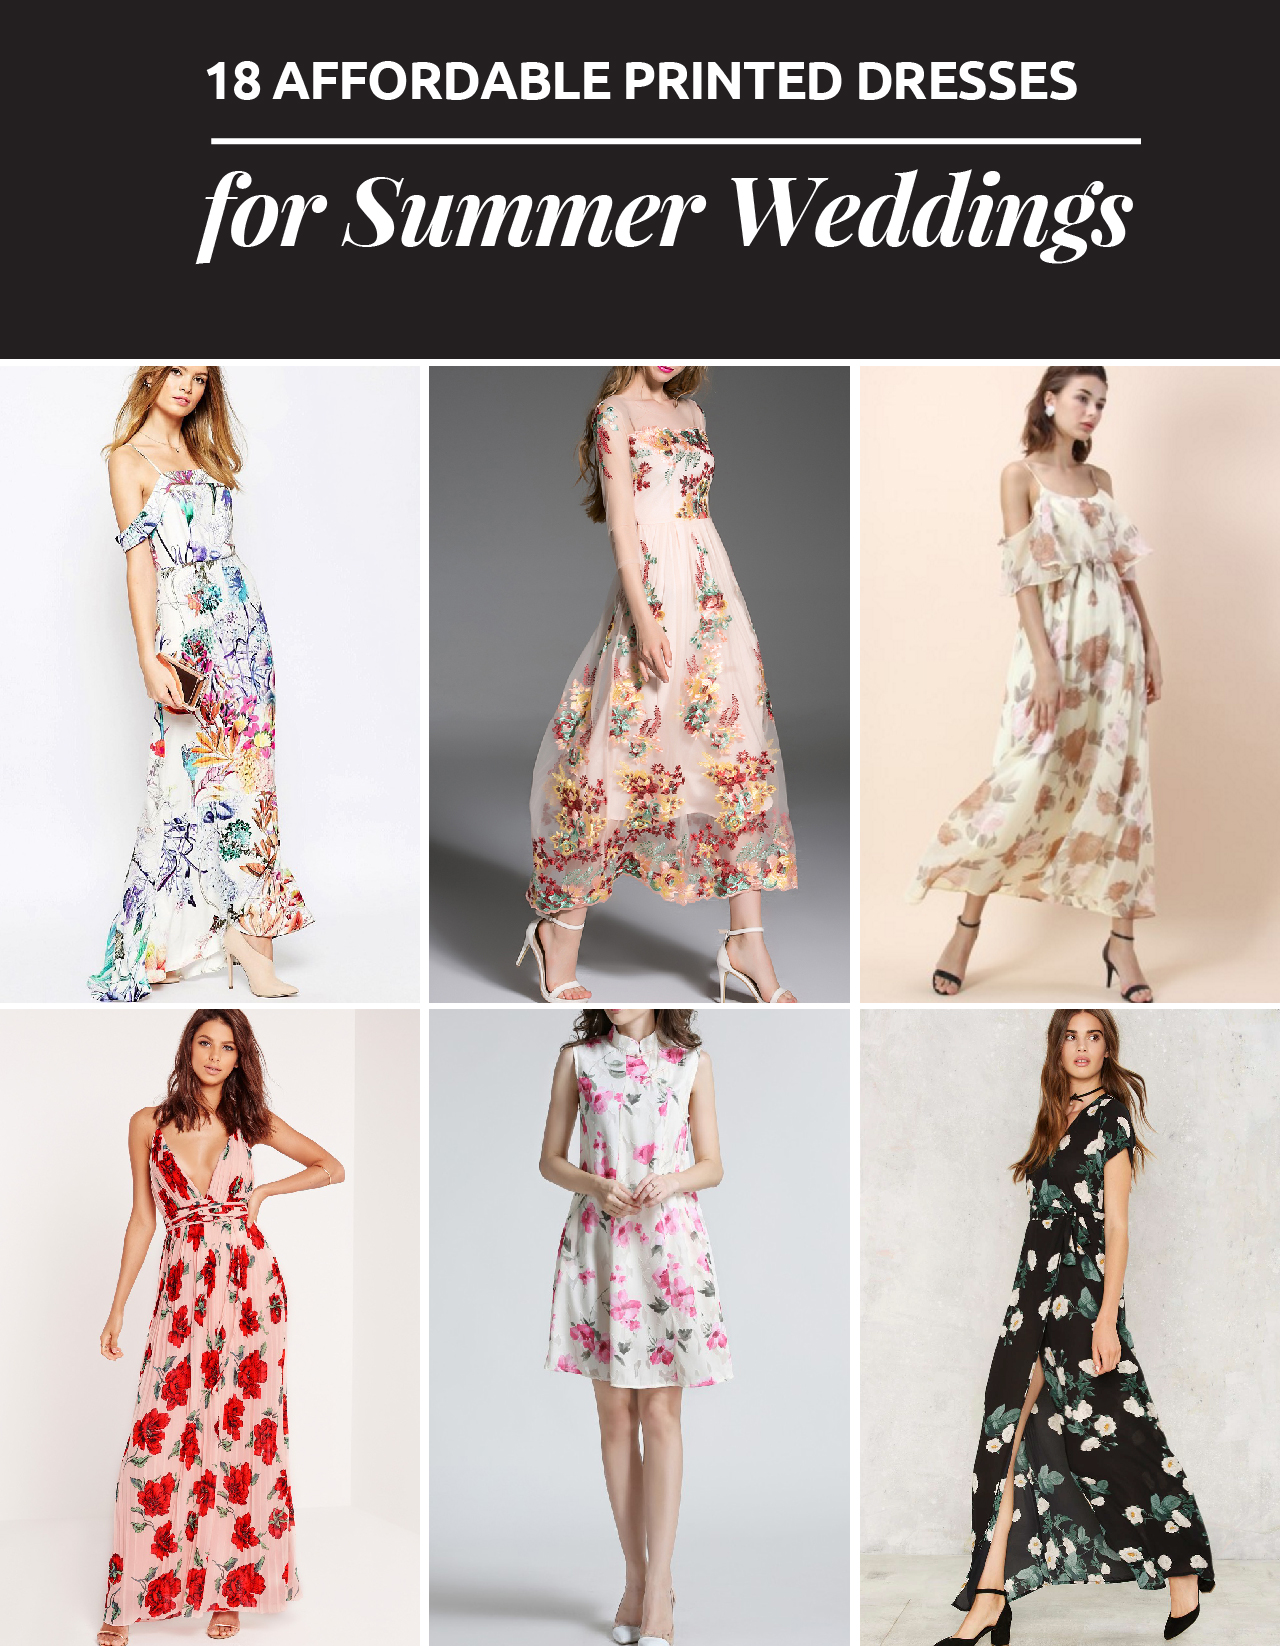 18 VESTIDOS ESTAMPADOS PARA UNA BODA DE VERANO // Las bodas en verano son muy popular porque pueden ser realizadas en el exterior. Encuentra el vestido perfecto para una boda de verano.